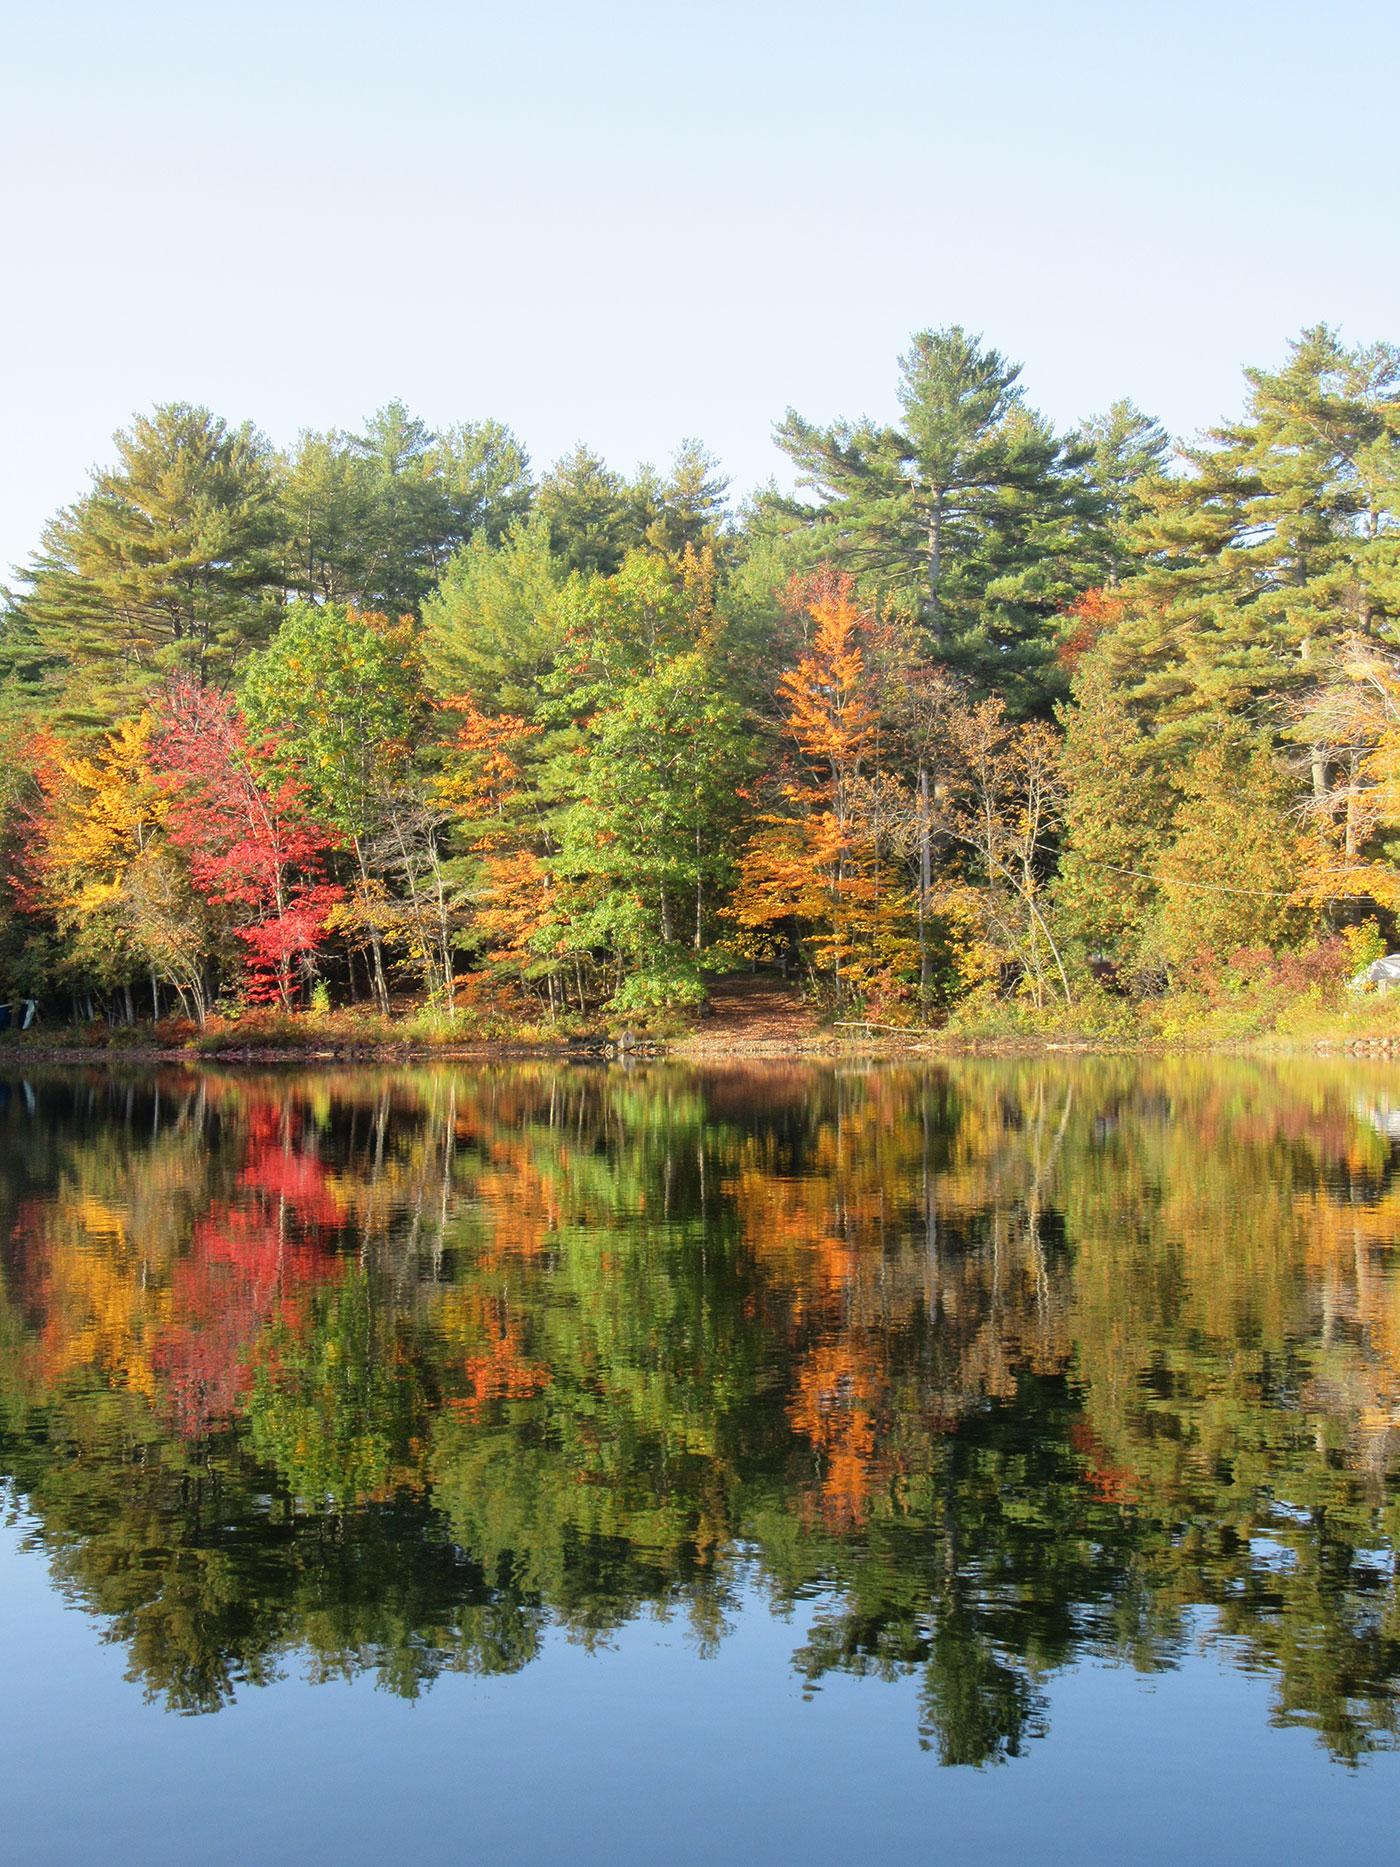 My Maine This Week - Linda Woods